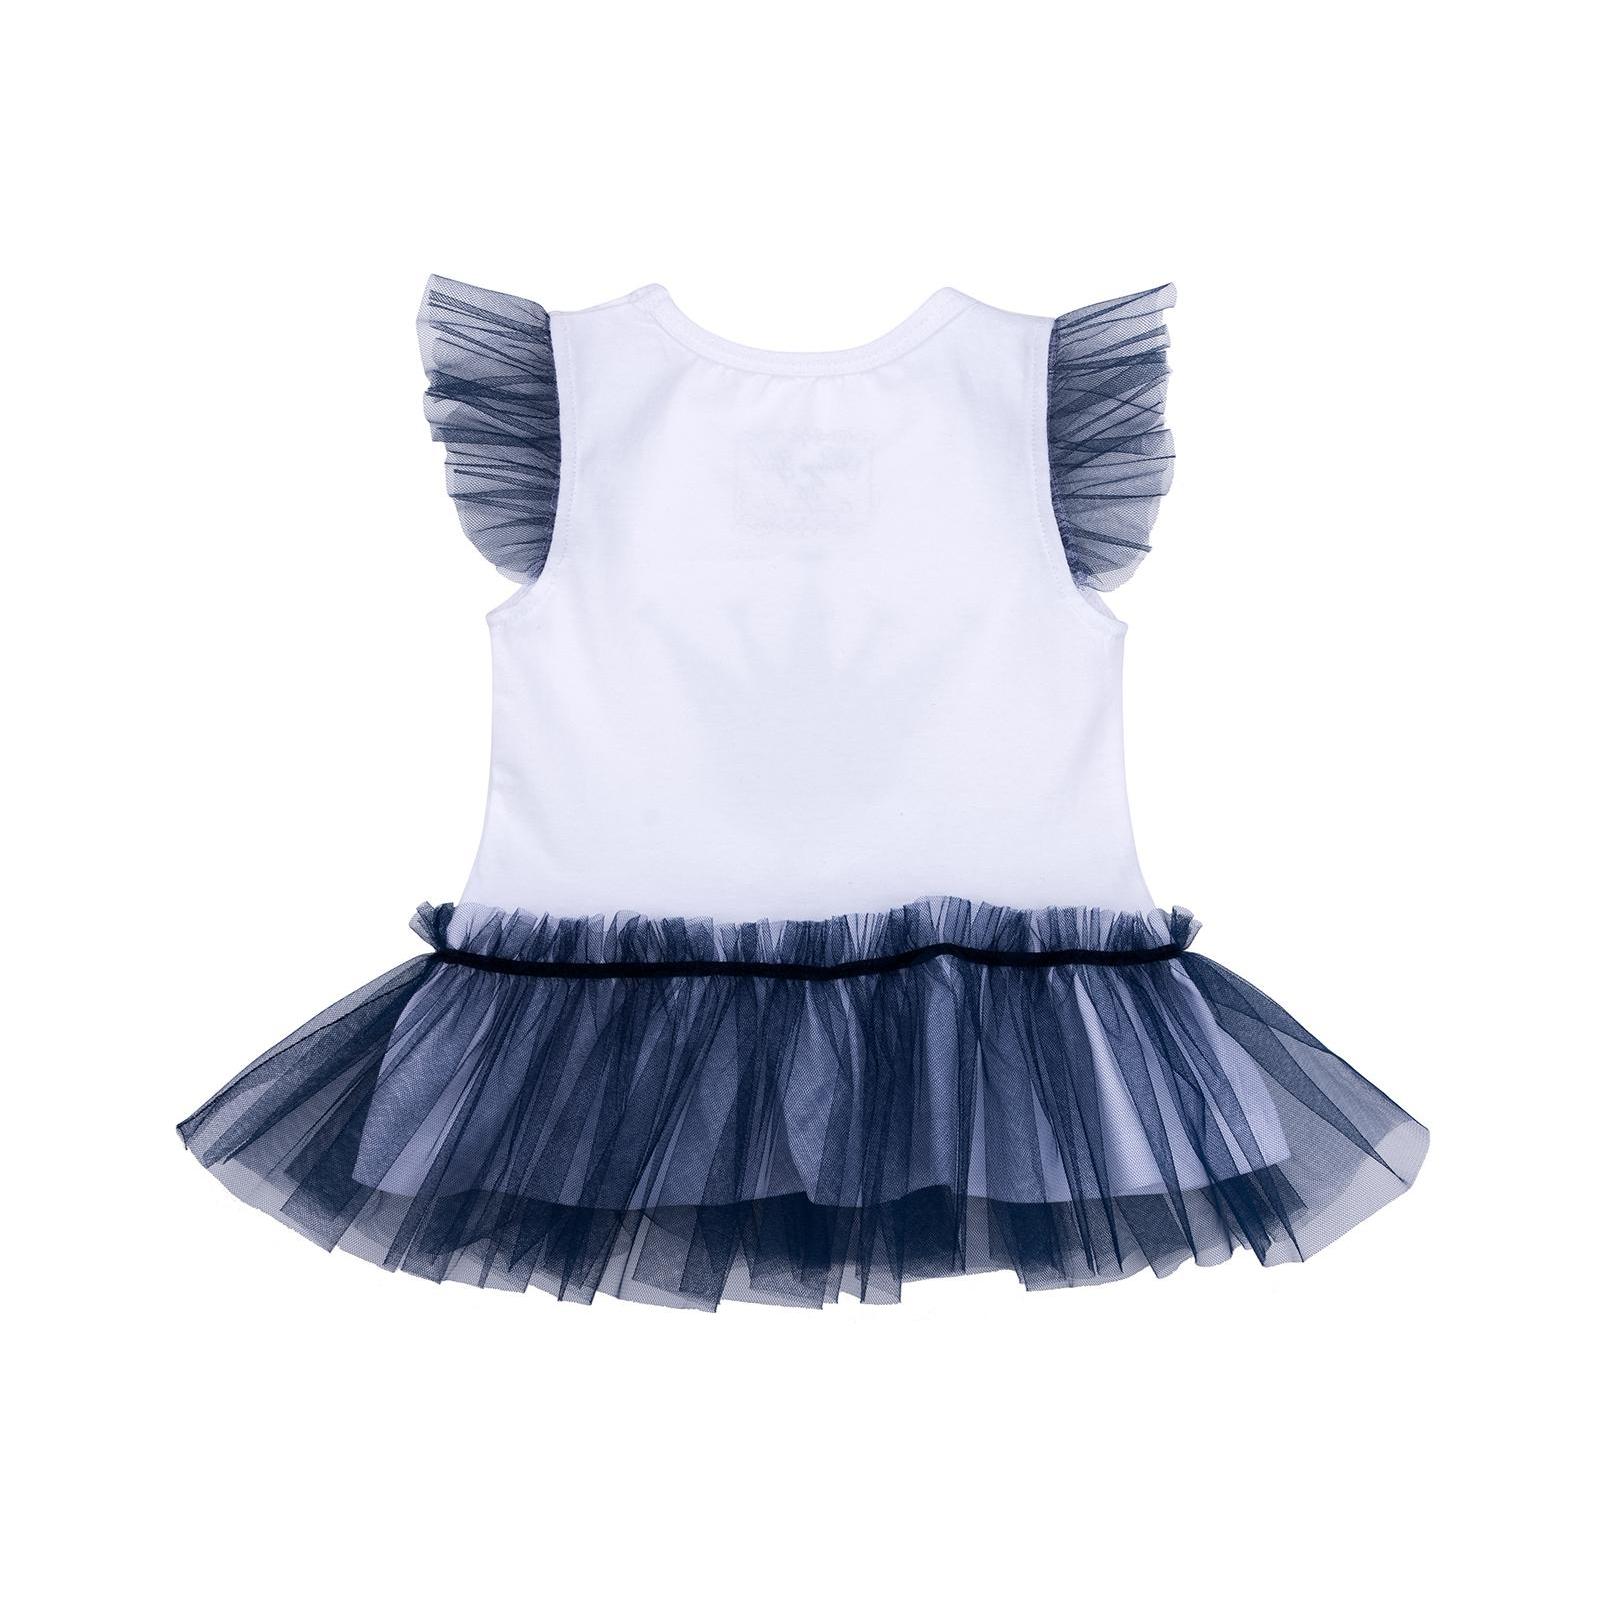 Набор детской одежды Breeze с коронкой (10869-98G-blue) изображение 5